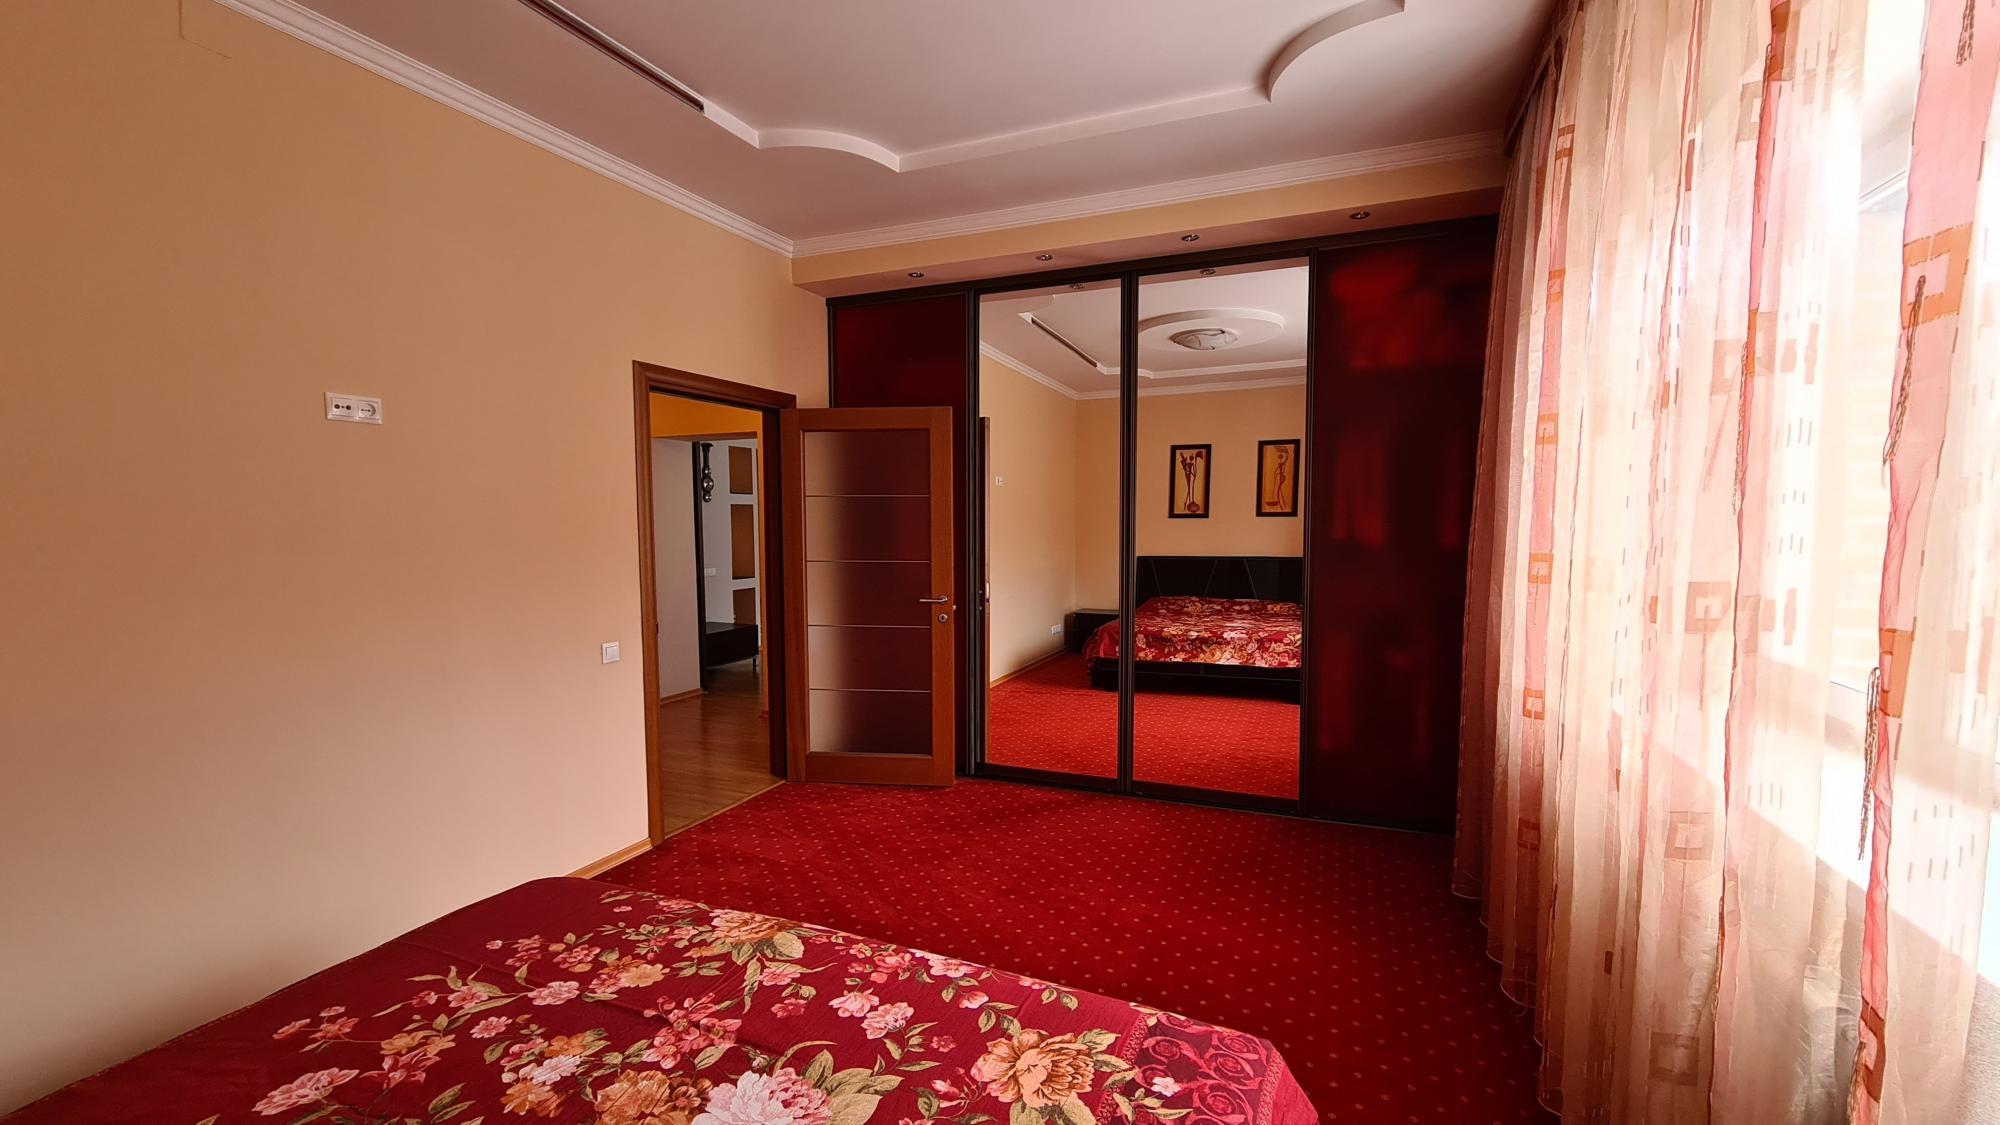 4к квартира улица Елены Стасовой, 25Г | 70000 | аренда в Красноярске фото 6